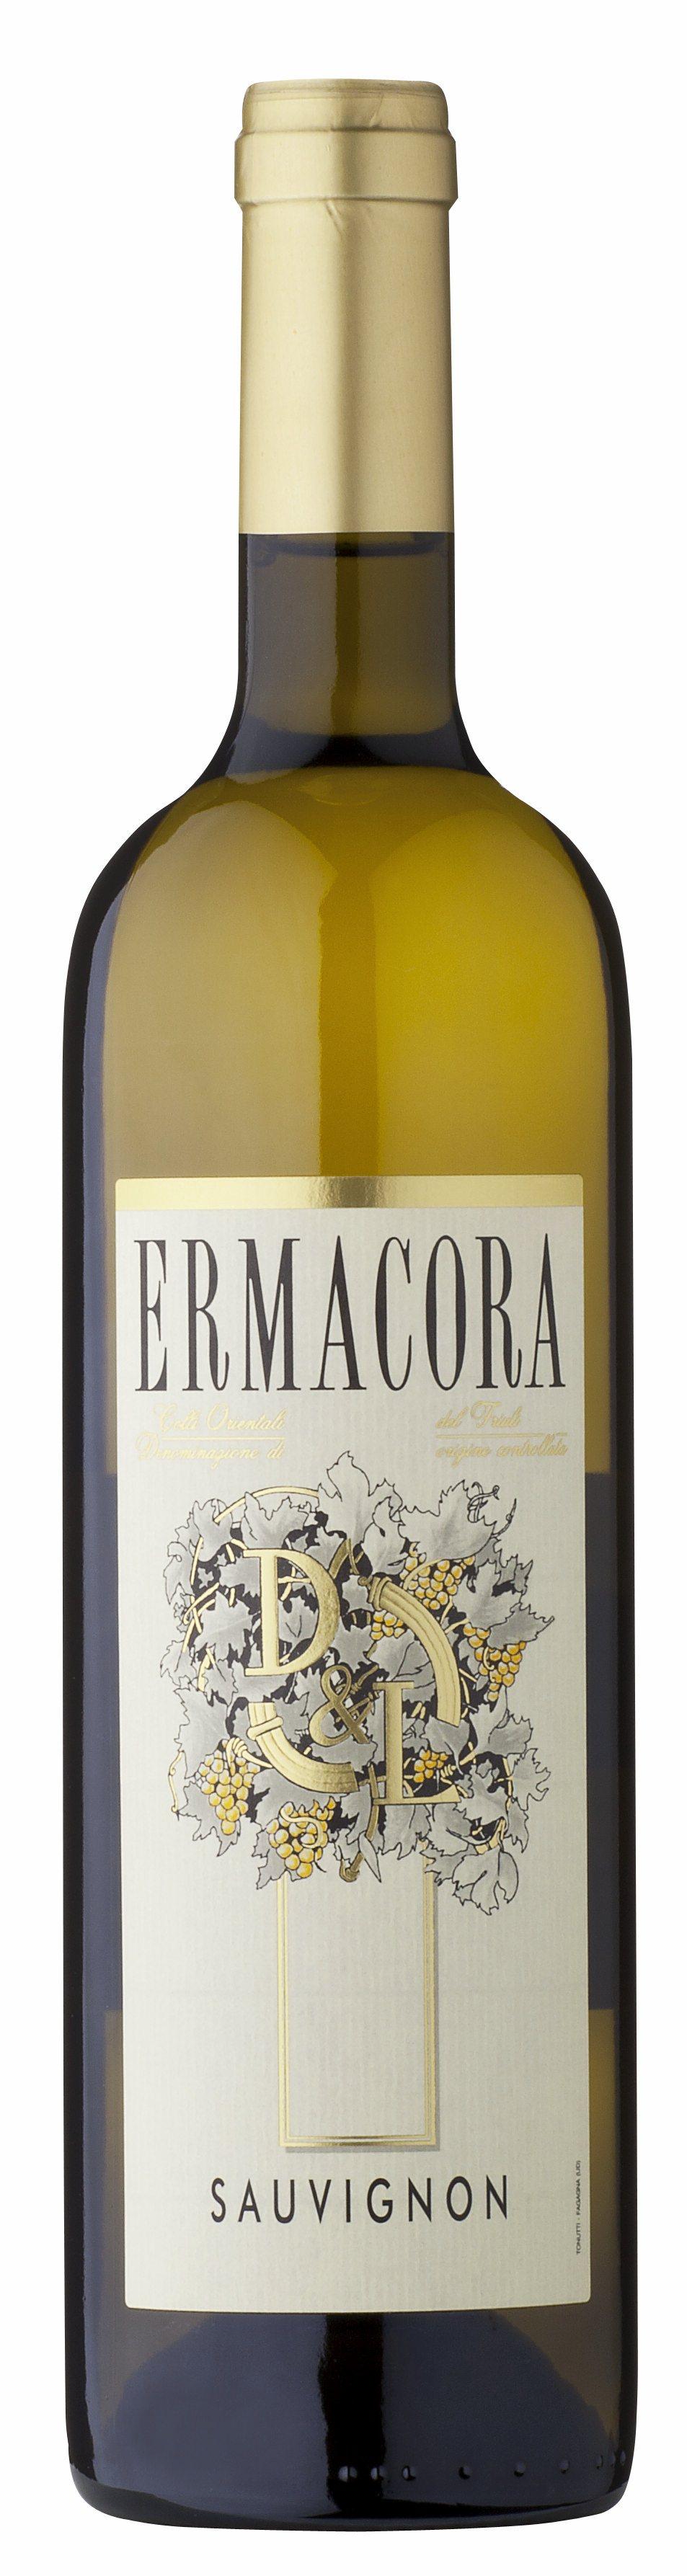 Sauvignon Colli Orientali del Friuli 2020 750 ML Ermacora